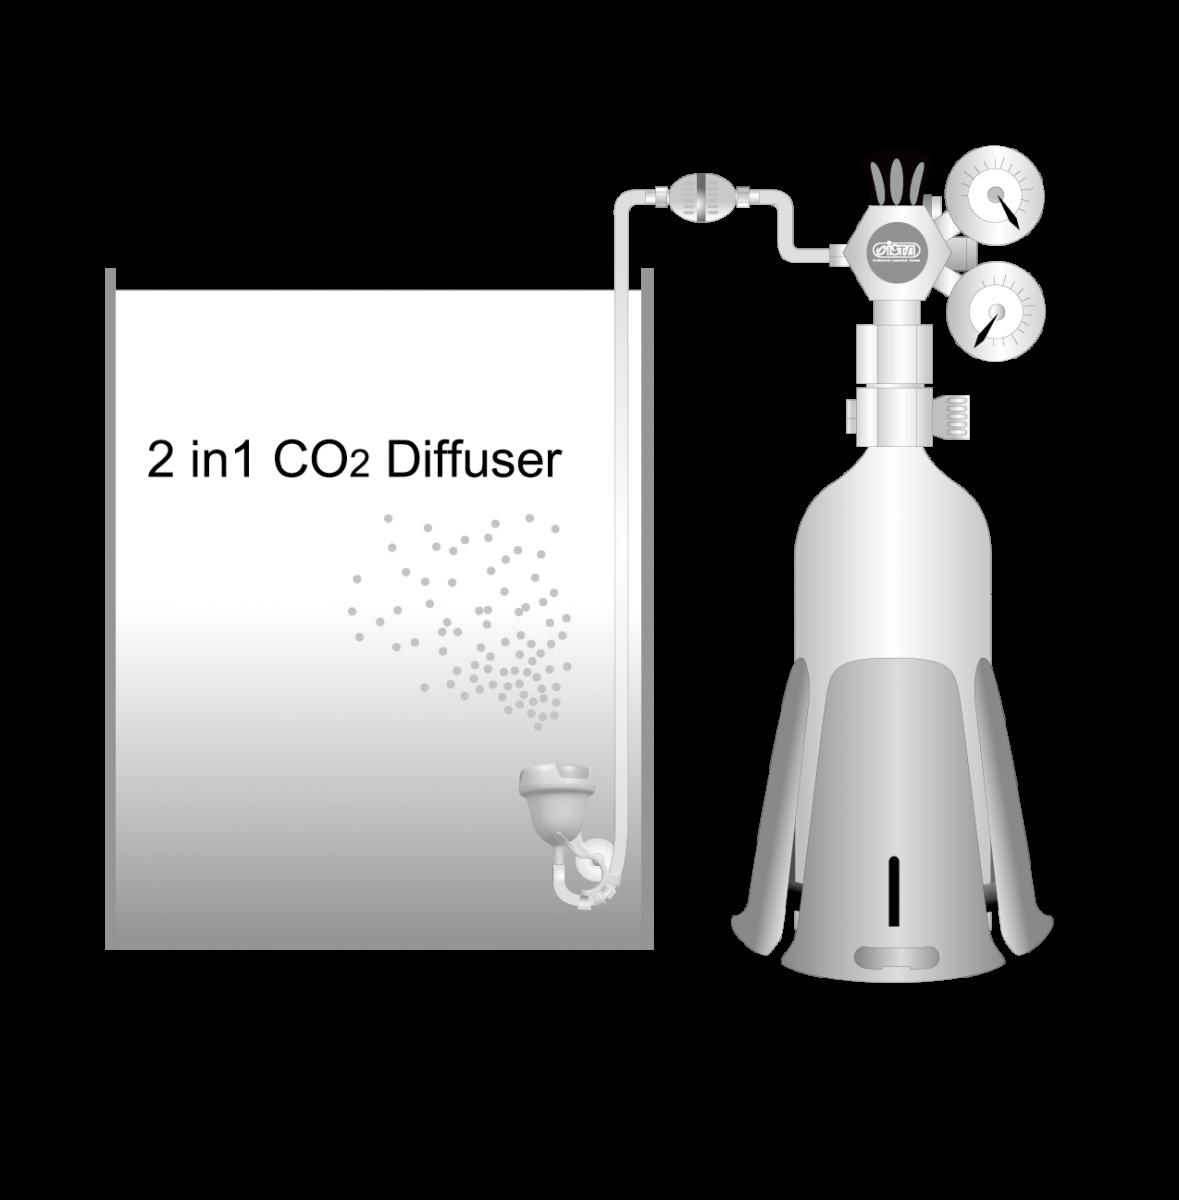 ISTA 2 in 1 CO2 Diffuser L 2